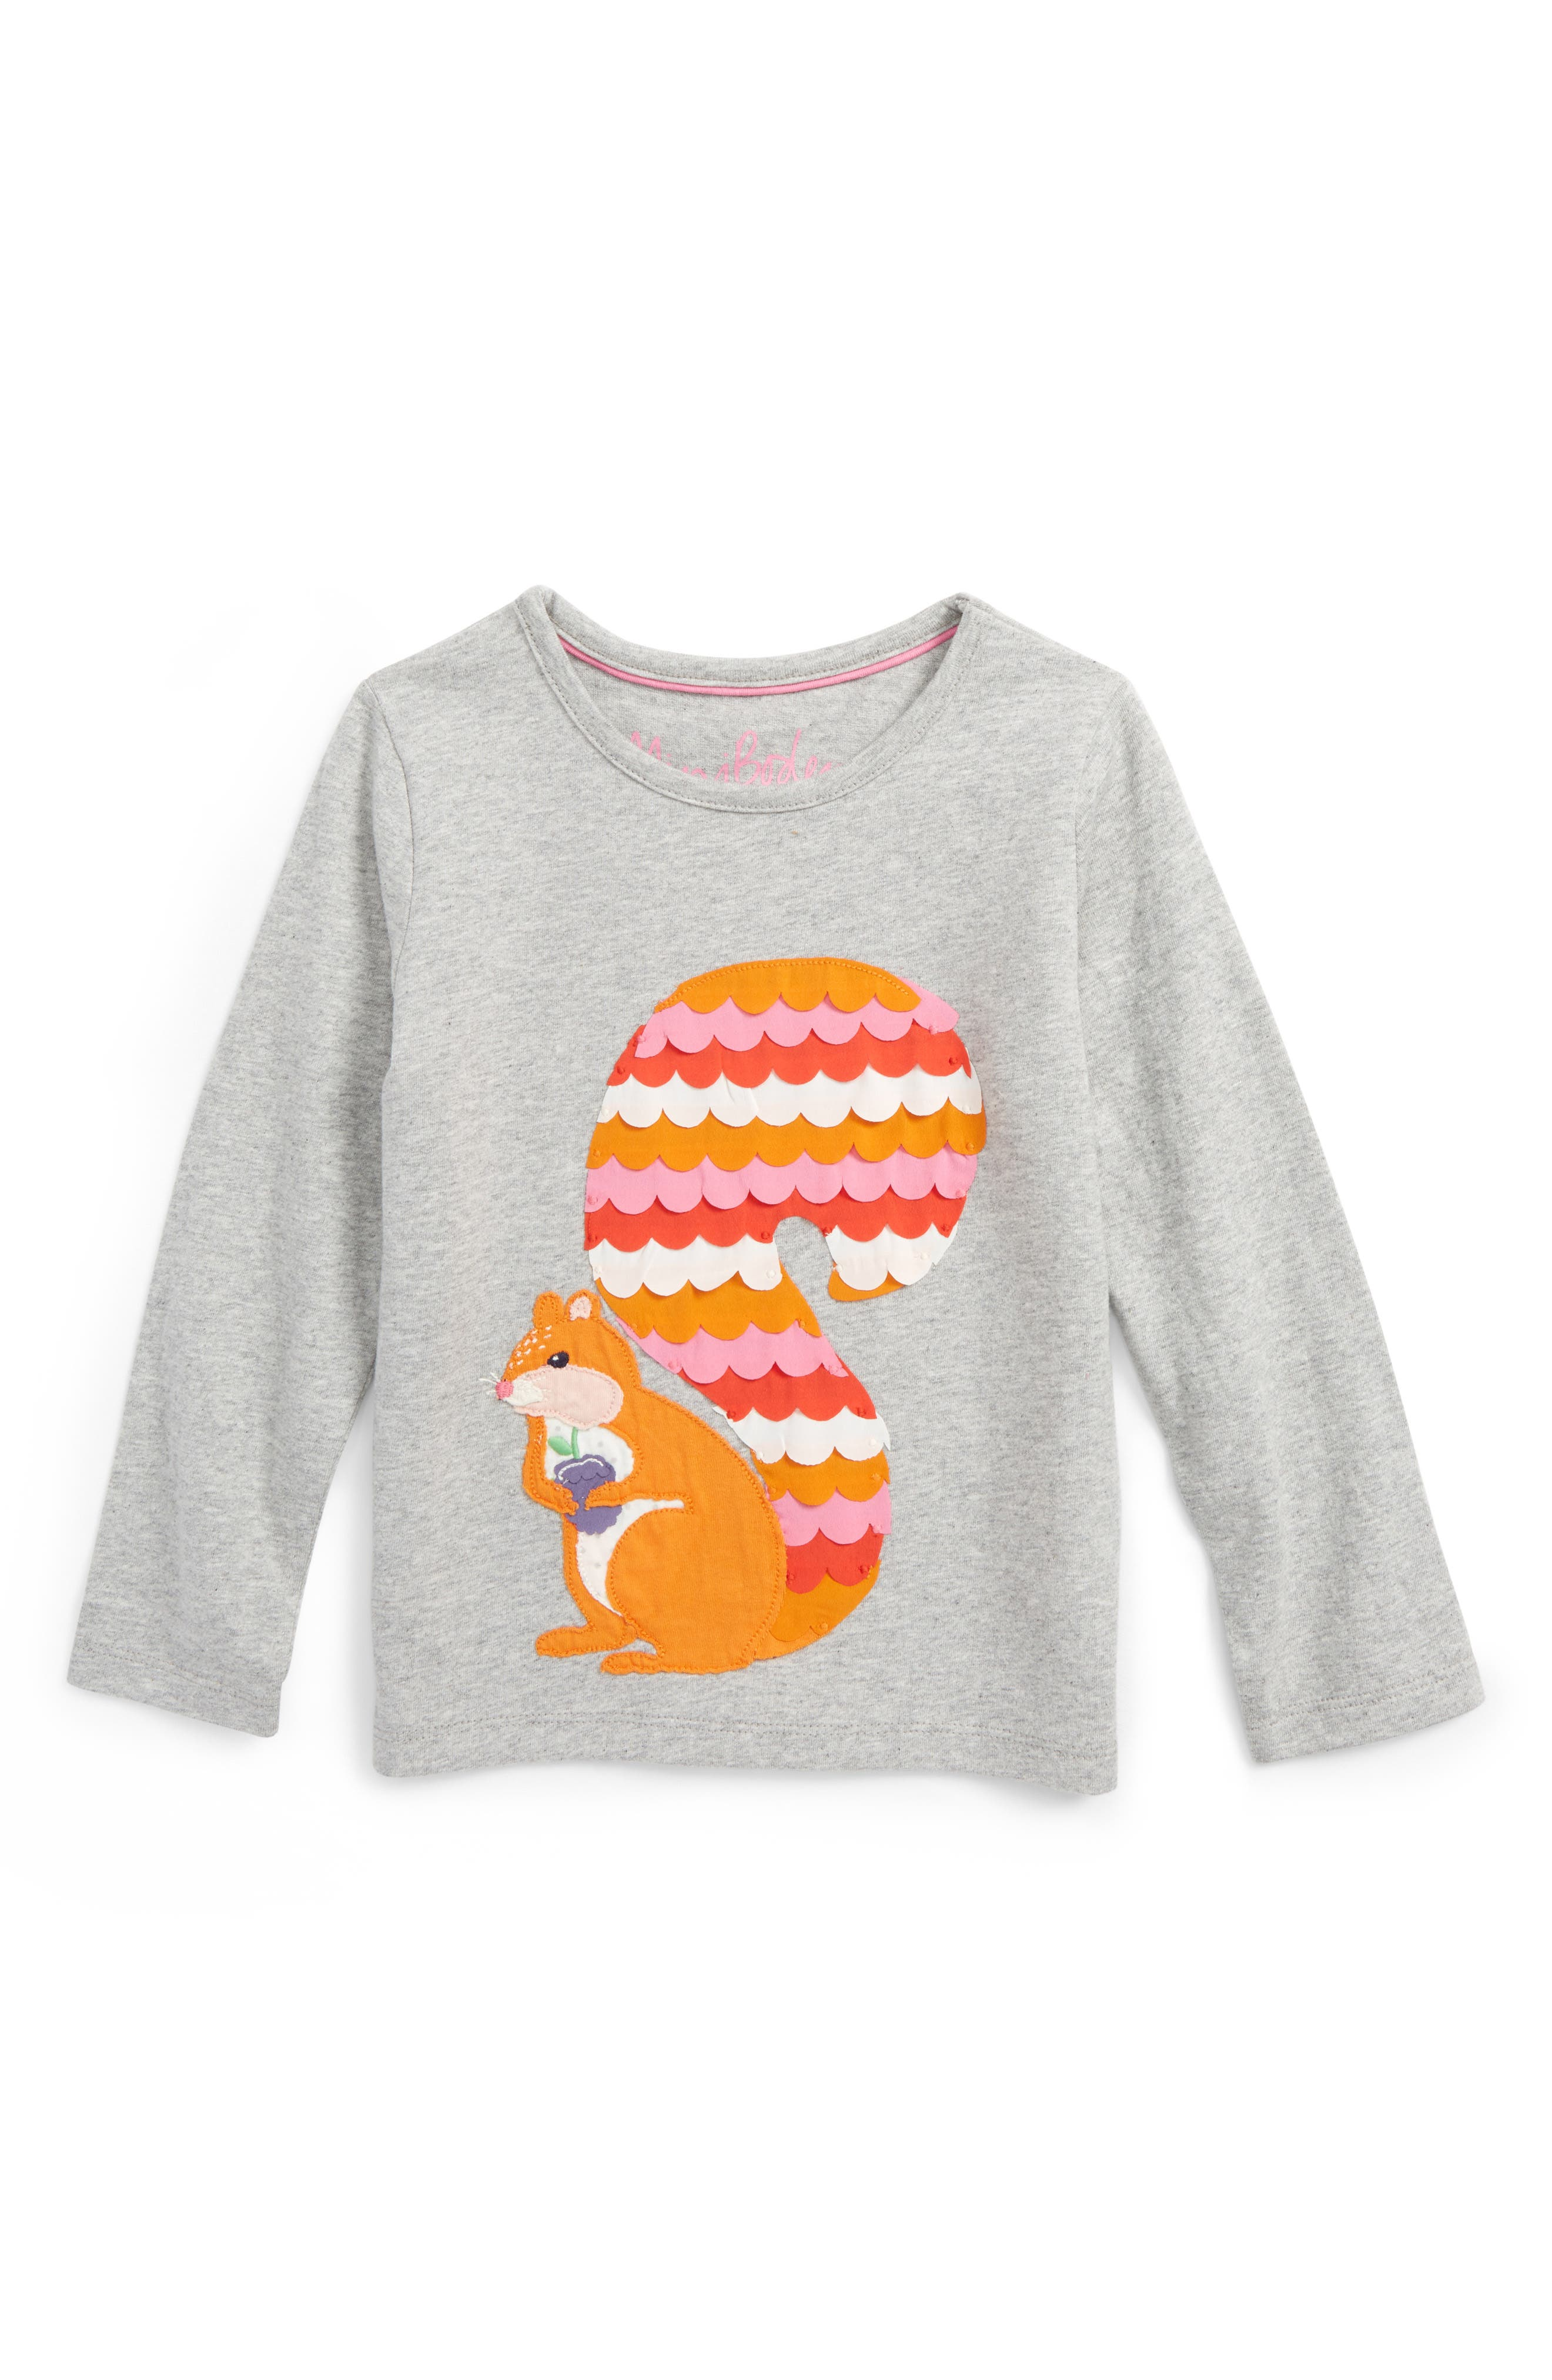 Boden Big Appliqué T-Shirt (Toddler Girls, Little Girls & Big Girls)